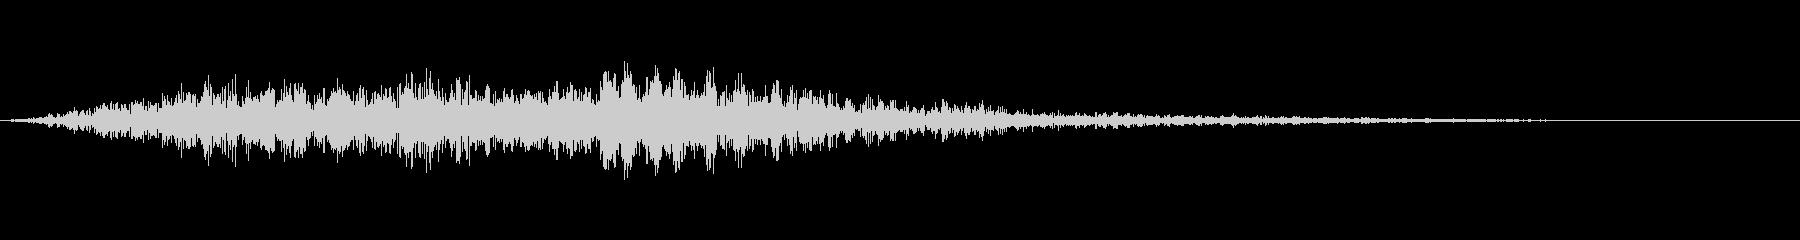 ヘビーグラインドパス1の未再生の波形